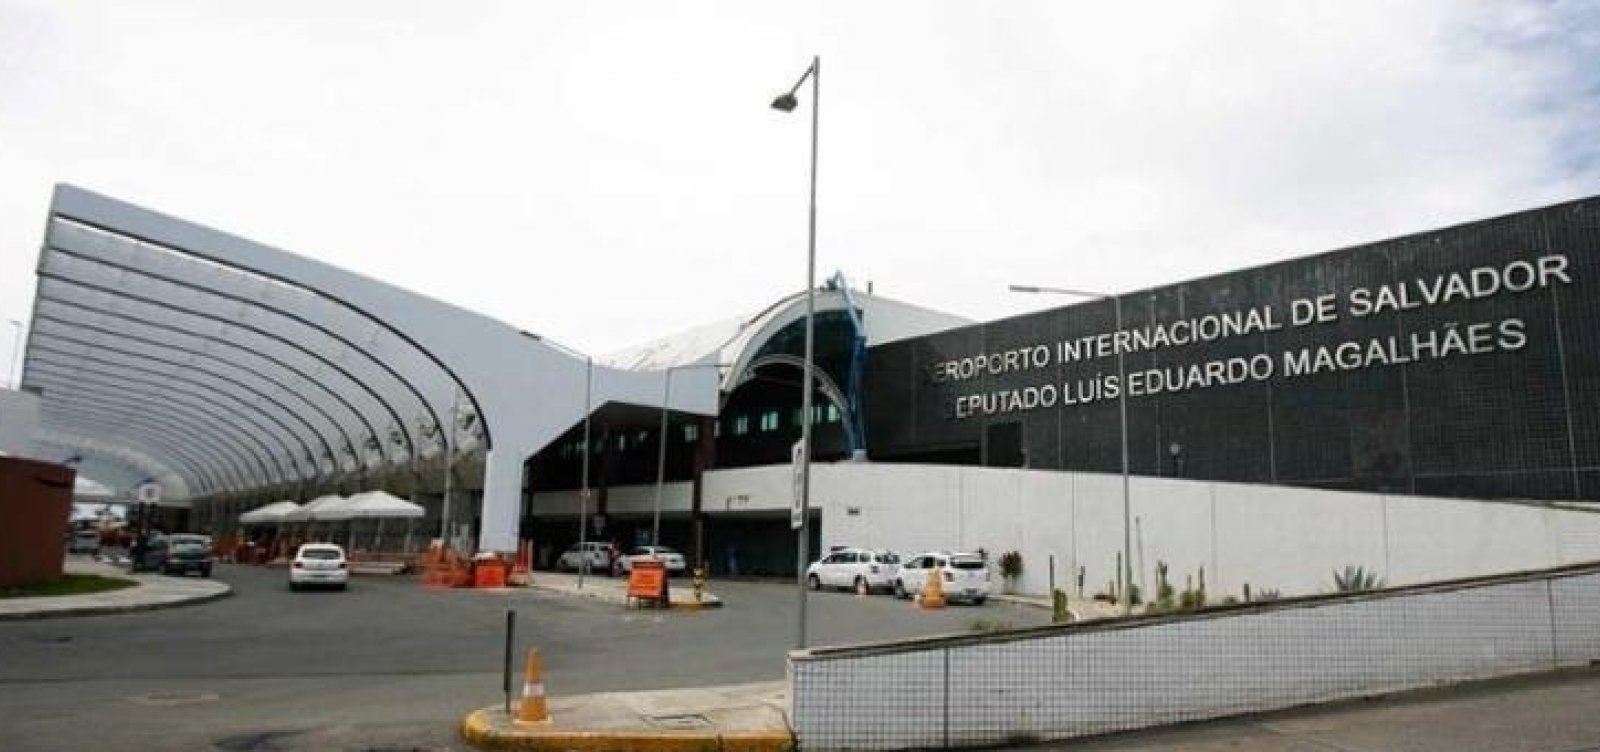 Nova loja duty free do Aeroporto de Salvador abre no início do ano que vem